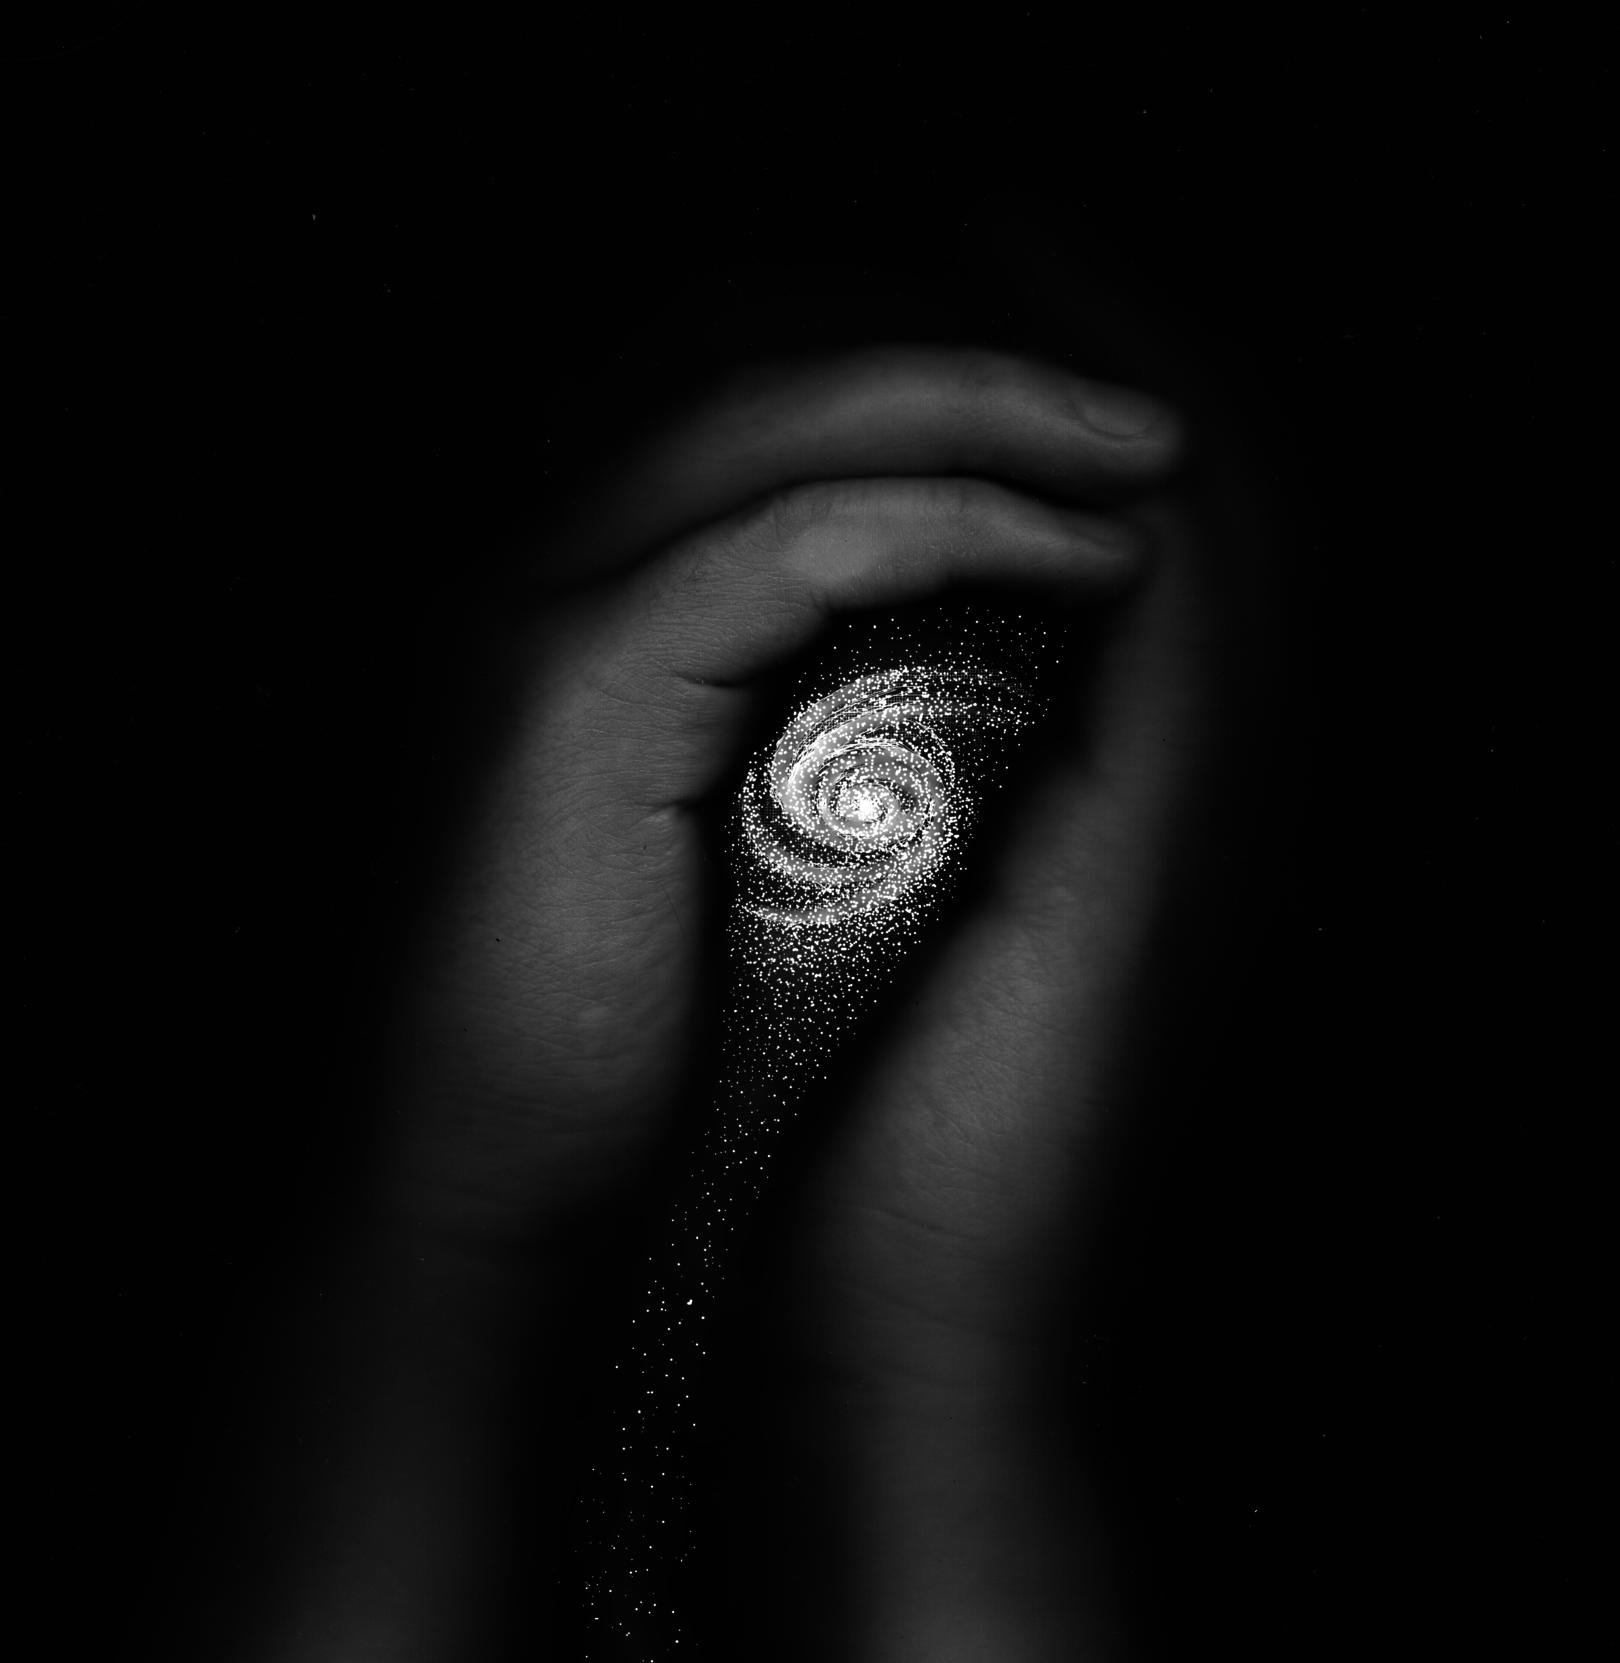 Дом - фотография моих рук и галактика, созданная уже в граф редакторе SAI.